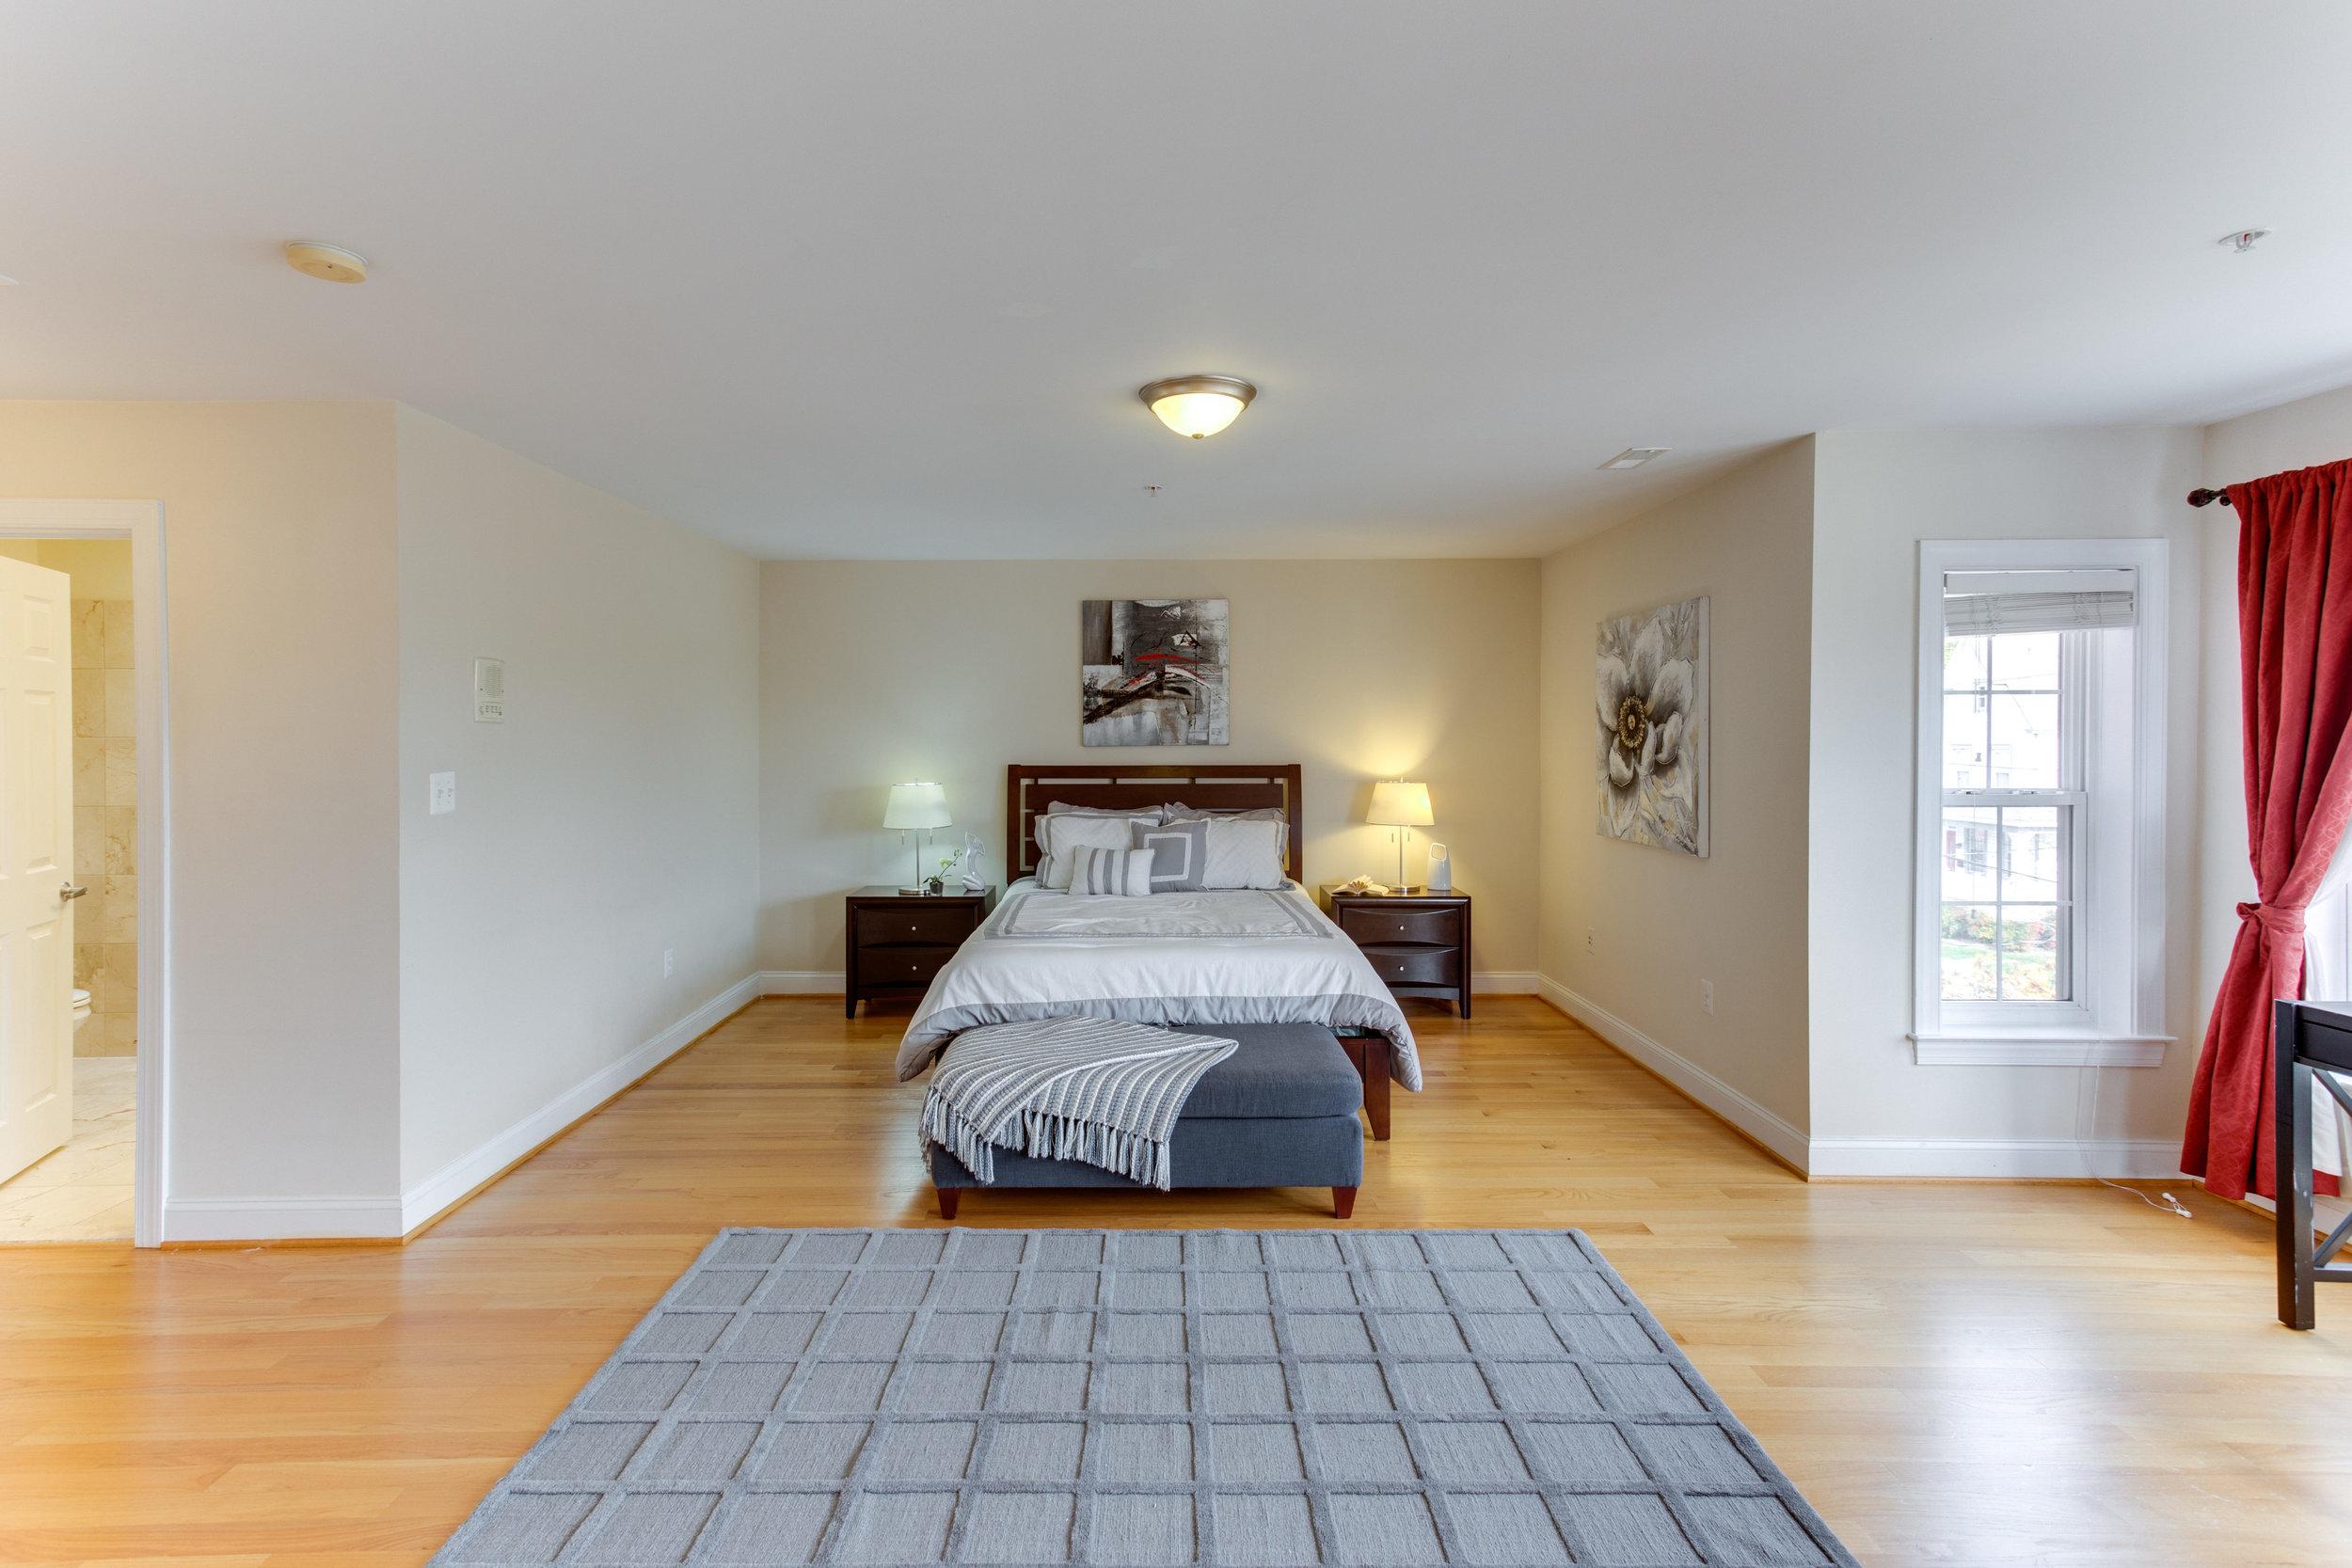 5522 9th St NW Unit 1-print-039-8-Master Bedroom-4200x2800-300dpi.jpg